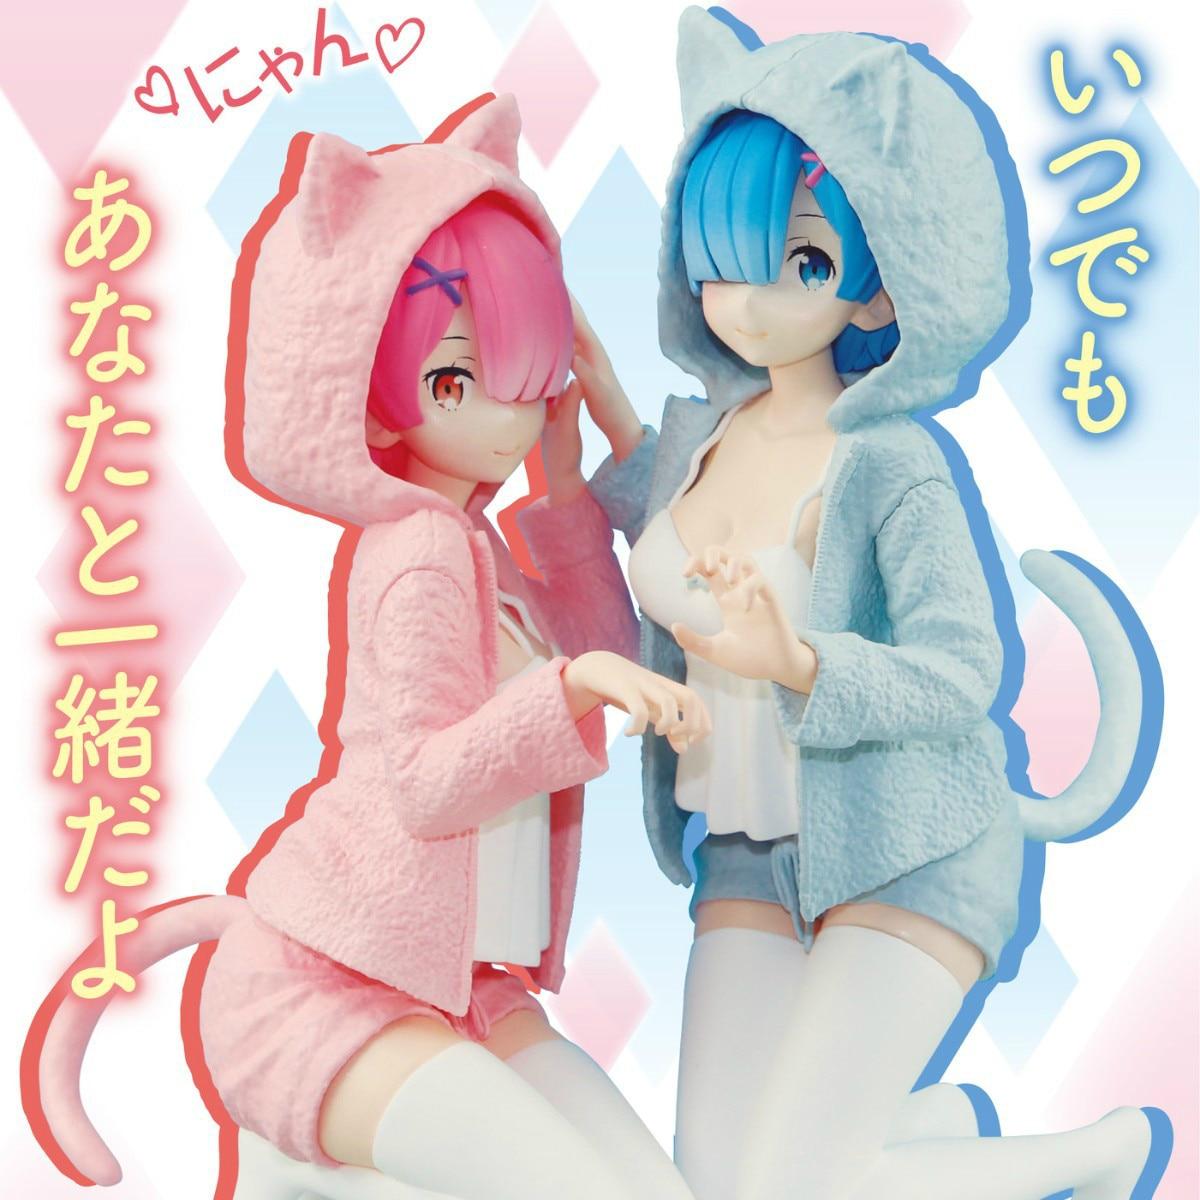 Re: la vie dans un monde différent de zéro Ram Rem chat oreille modèle Anime cadeau de noël agenouillé posture jouets loisirs figurines